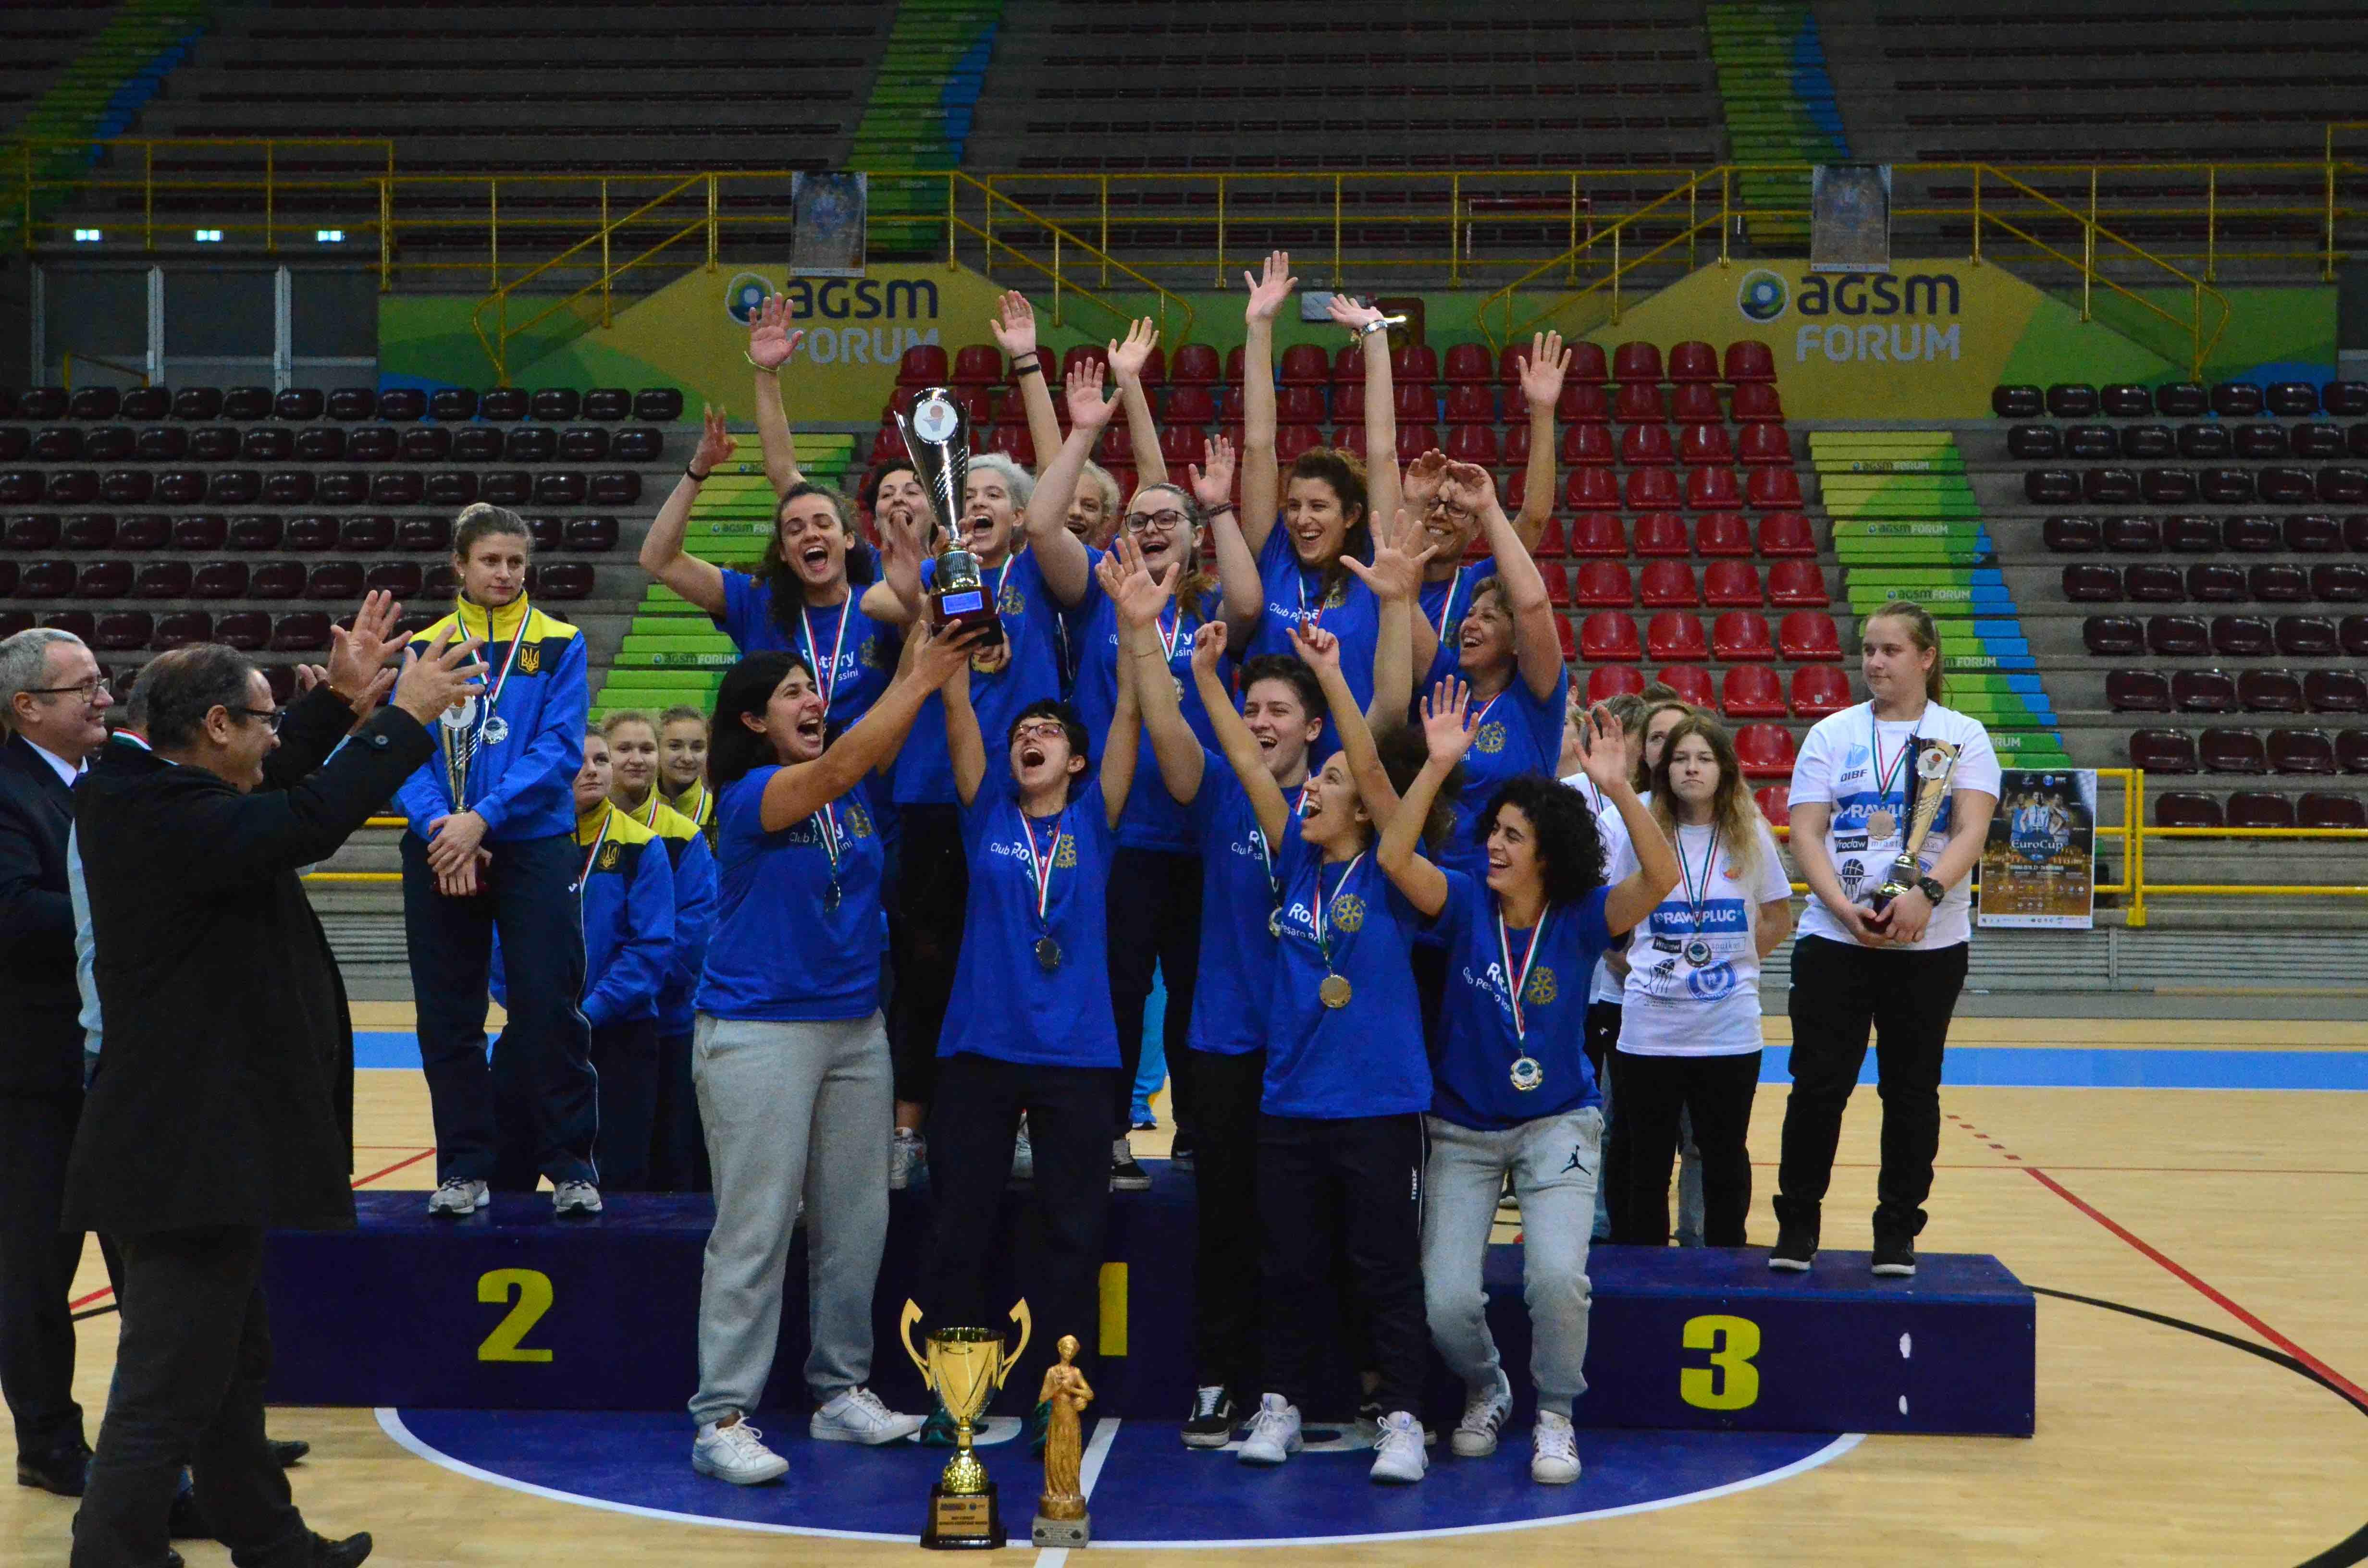 Si è conclusa la DIBF EuroCup 2018 di Verona. Un grandissimo evento di Basket